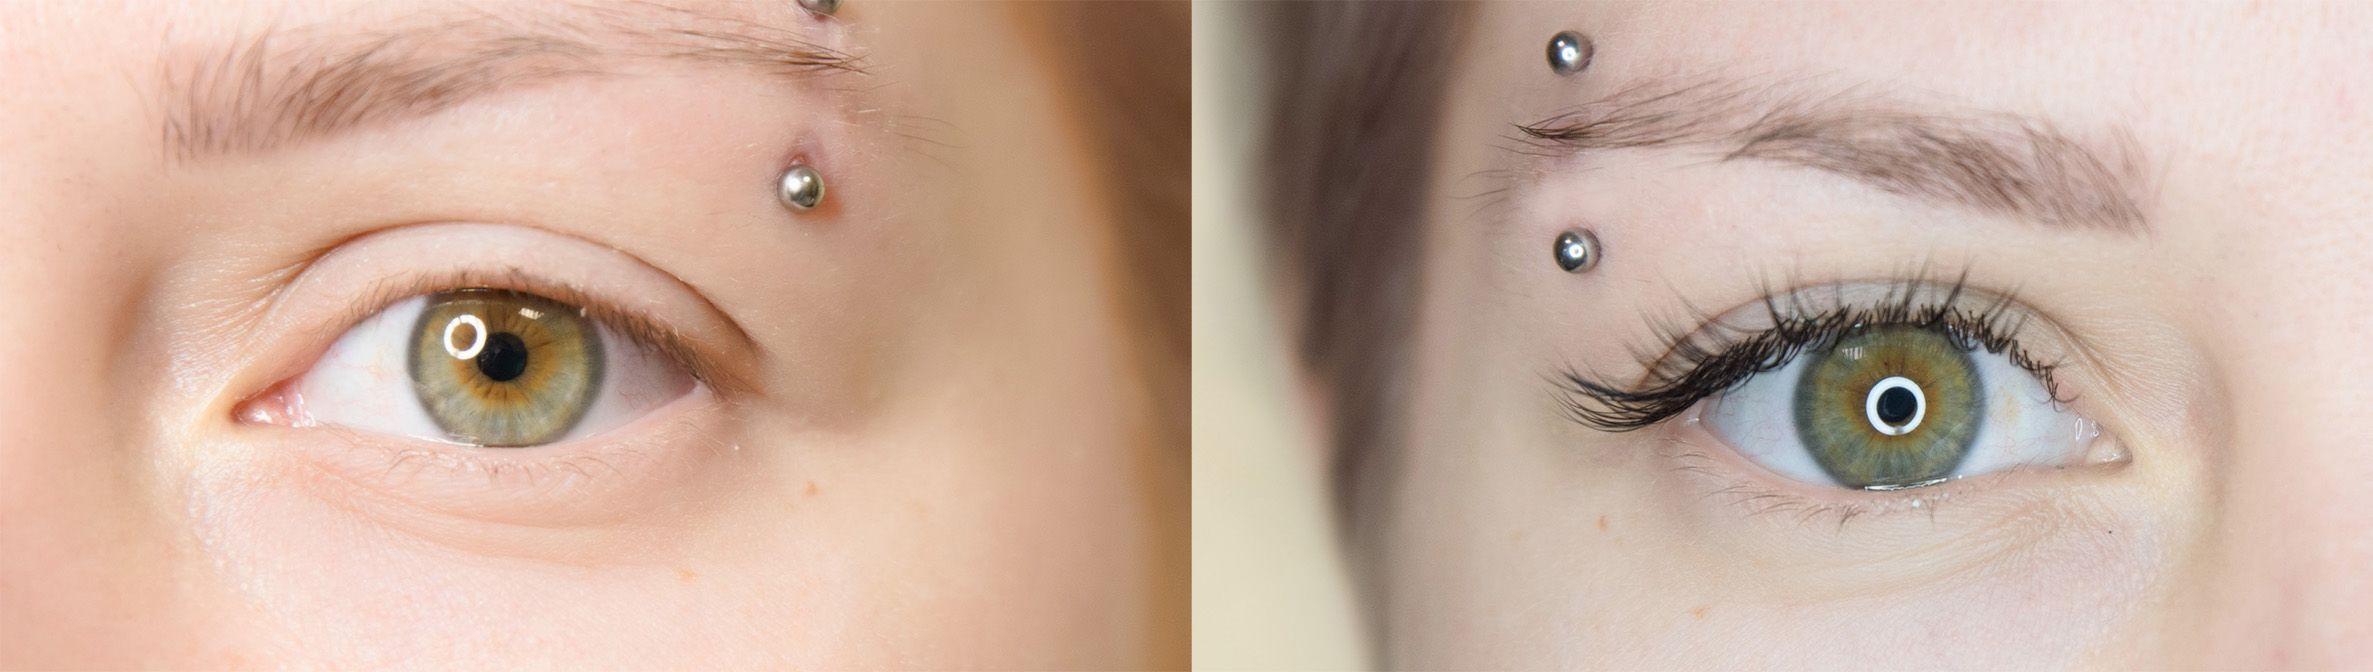 Lashcode - przed i po